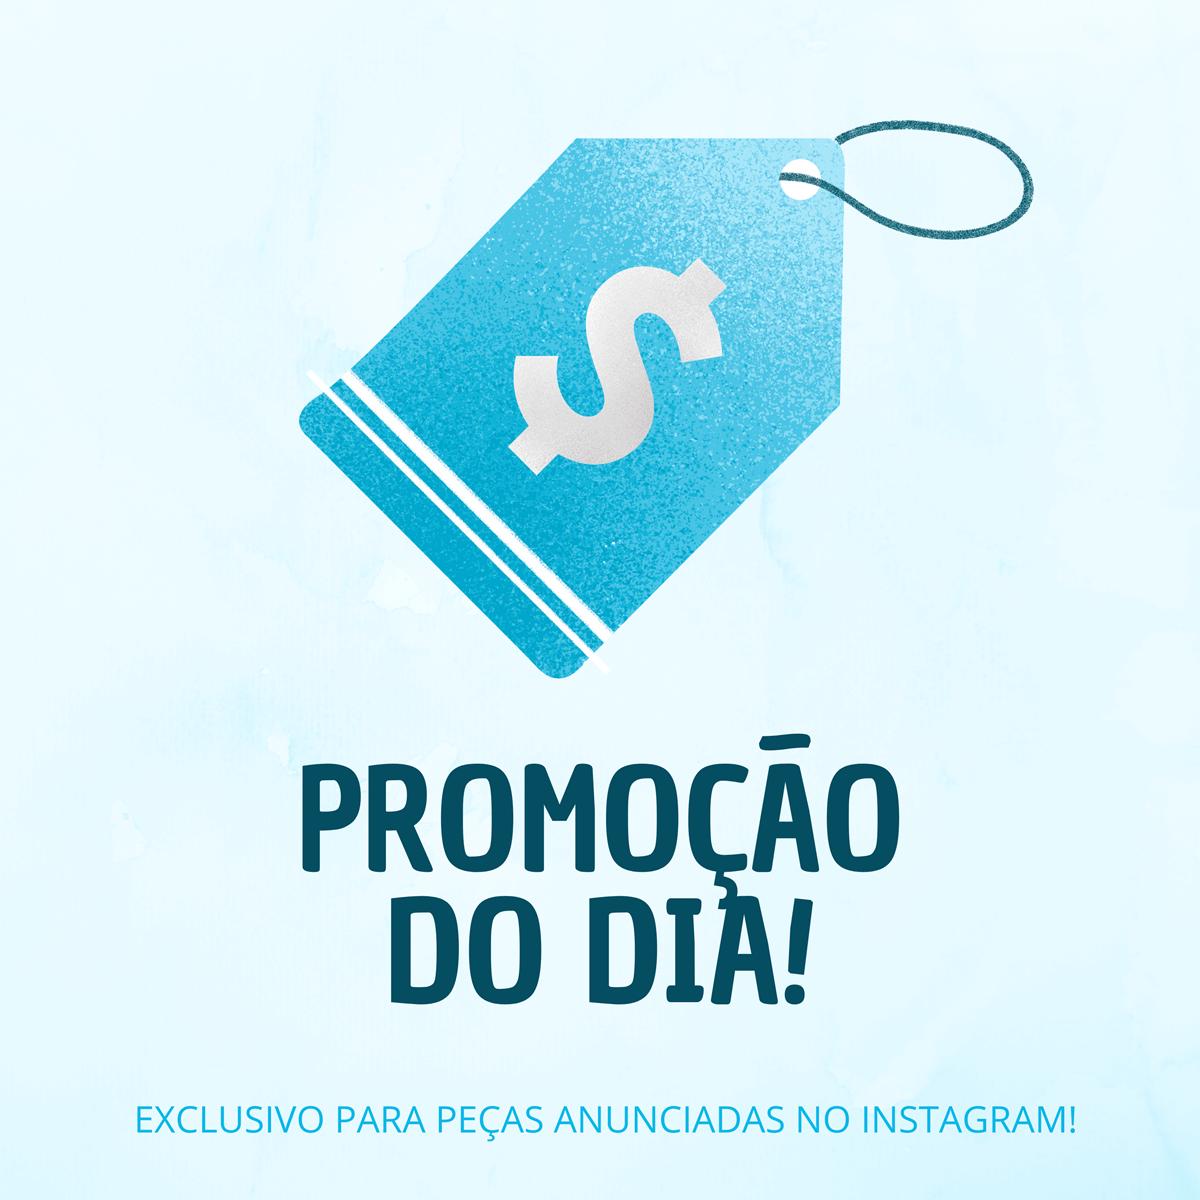 Promoção do dia! Exclusivo para Instagram!!  - HF | High Flight